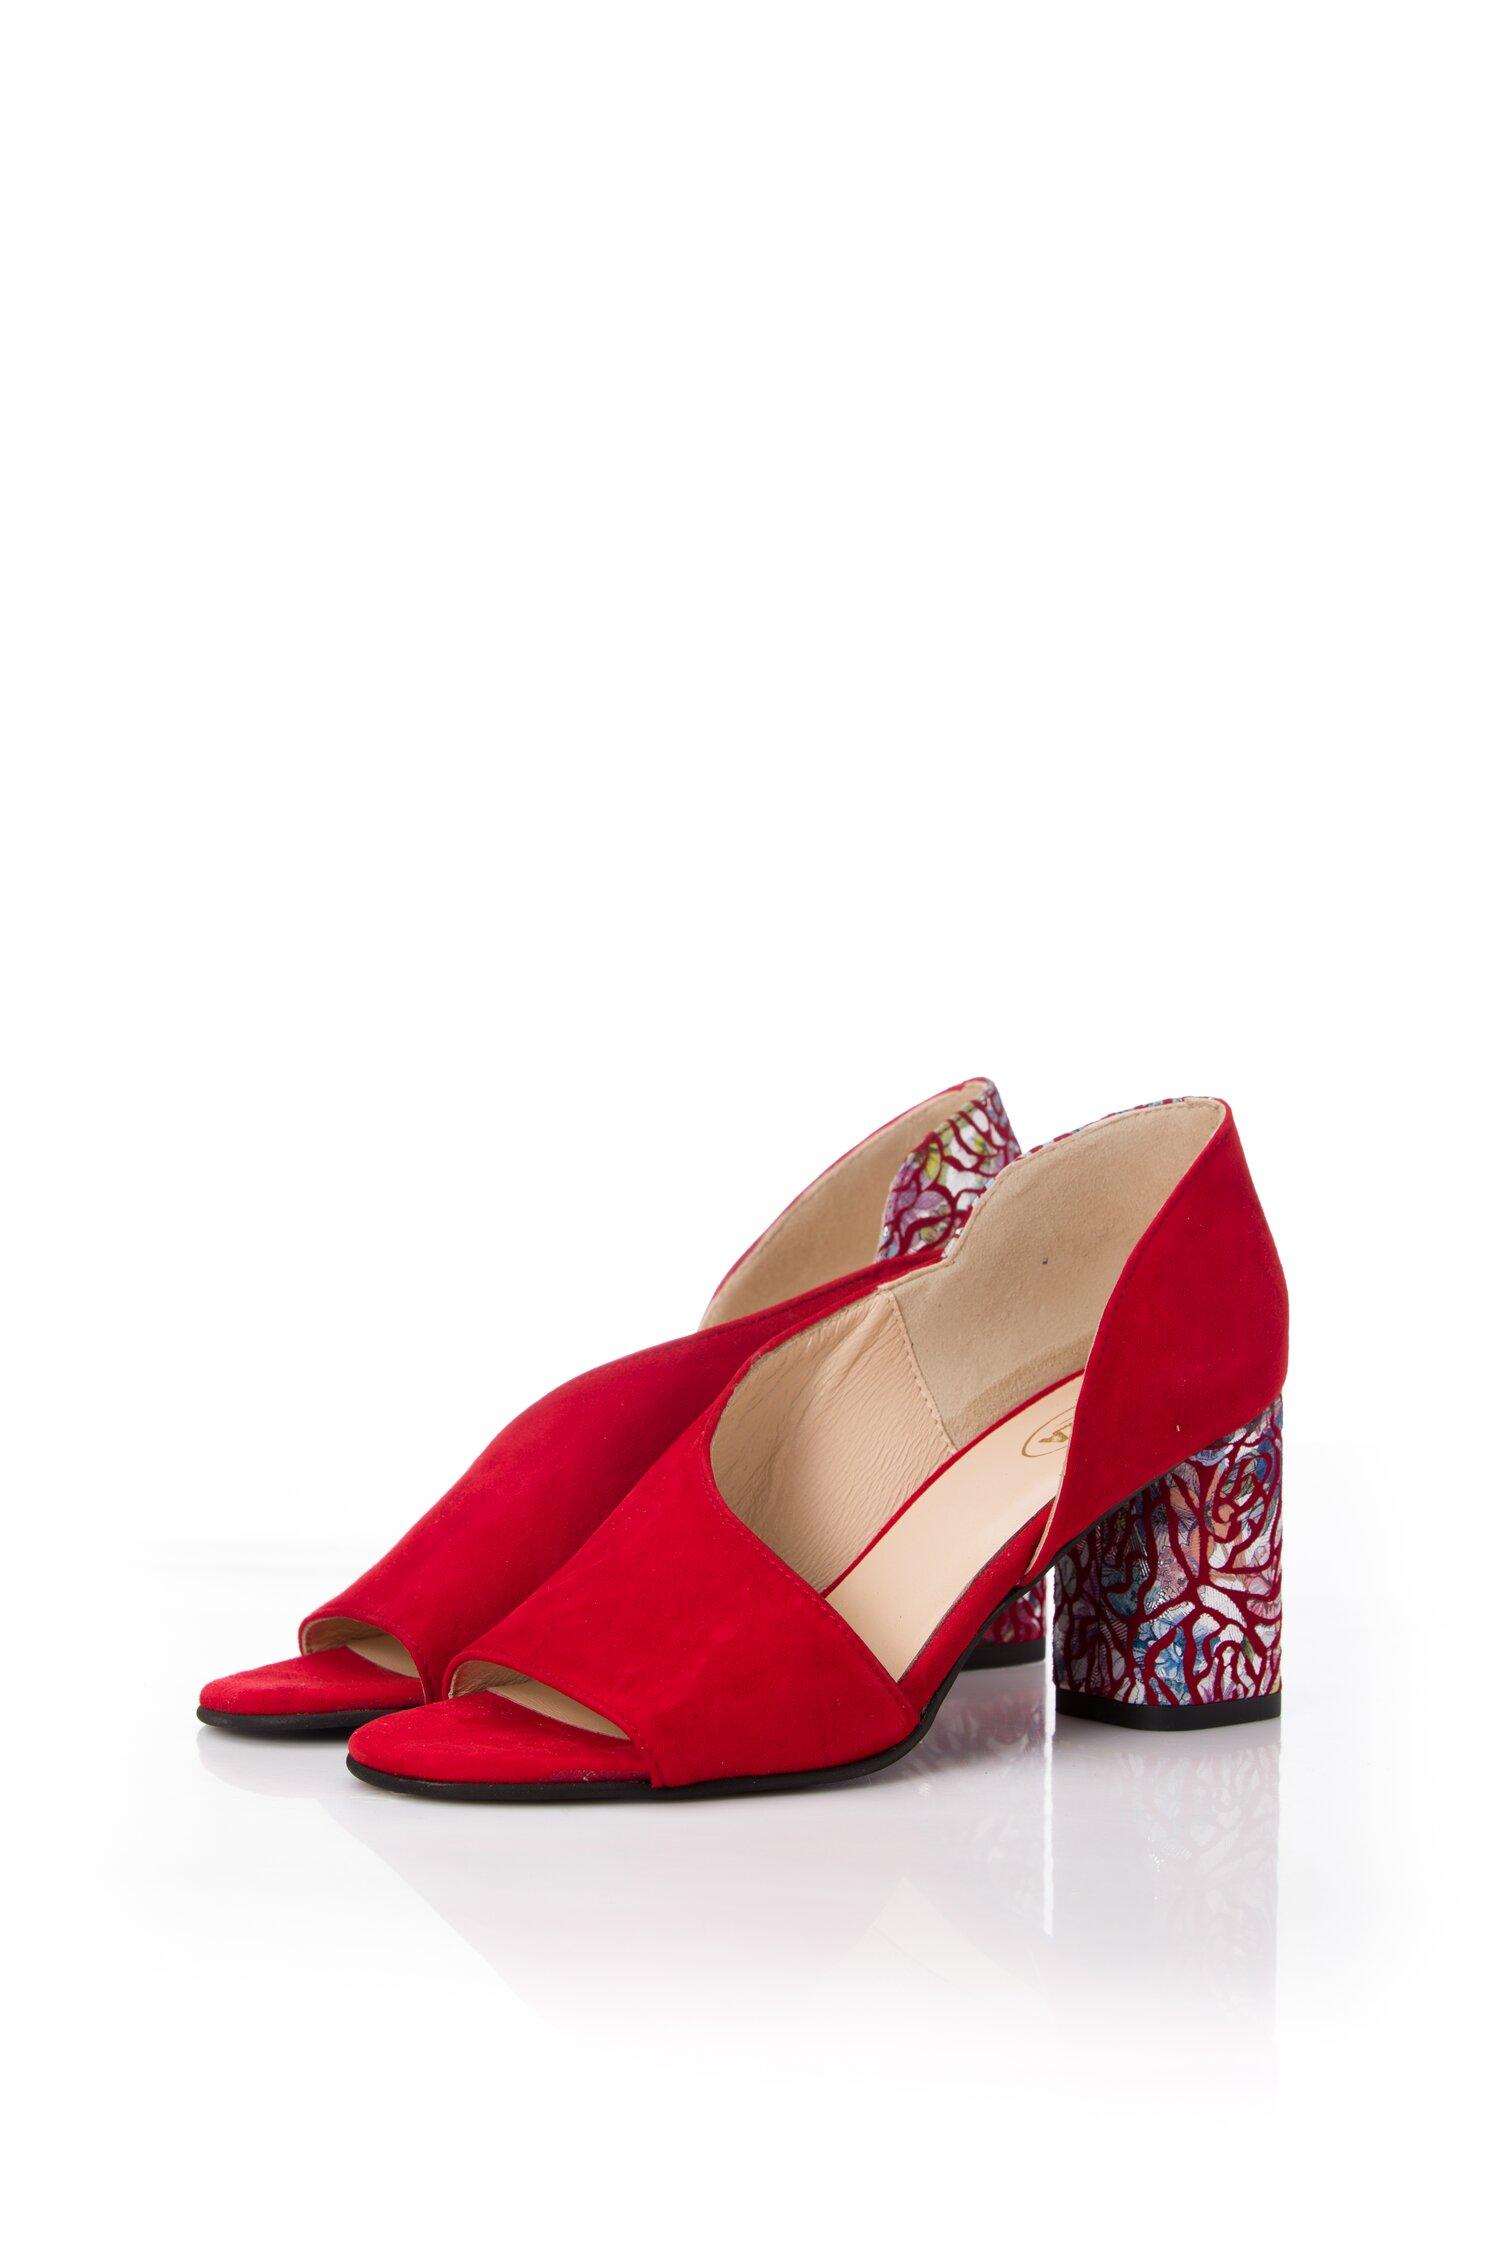 Pantofi rosii cu decupaj in fata si lateral si imprimeu pe toc imagine